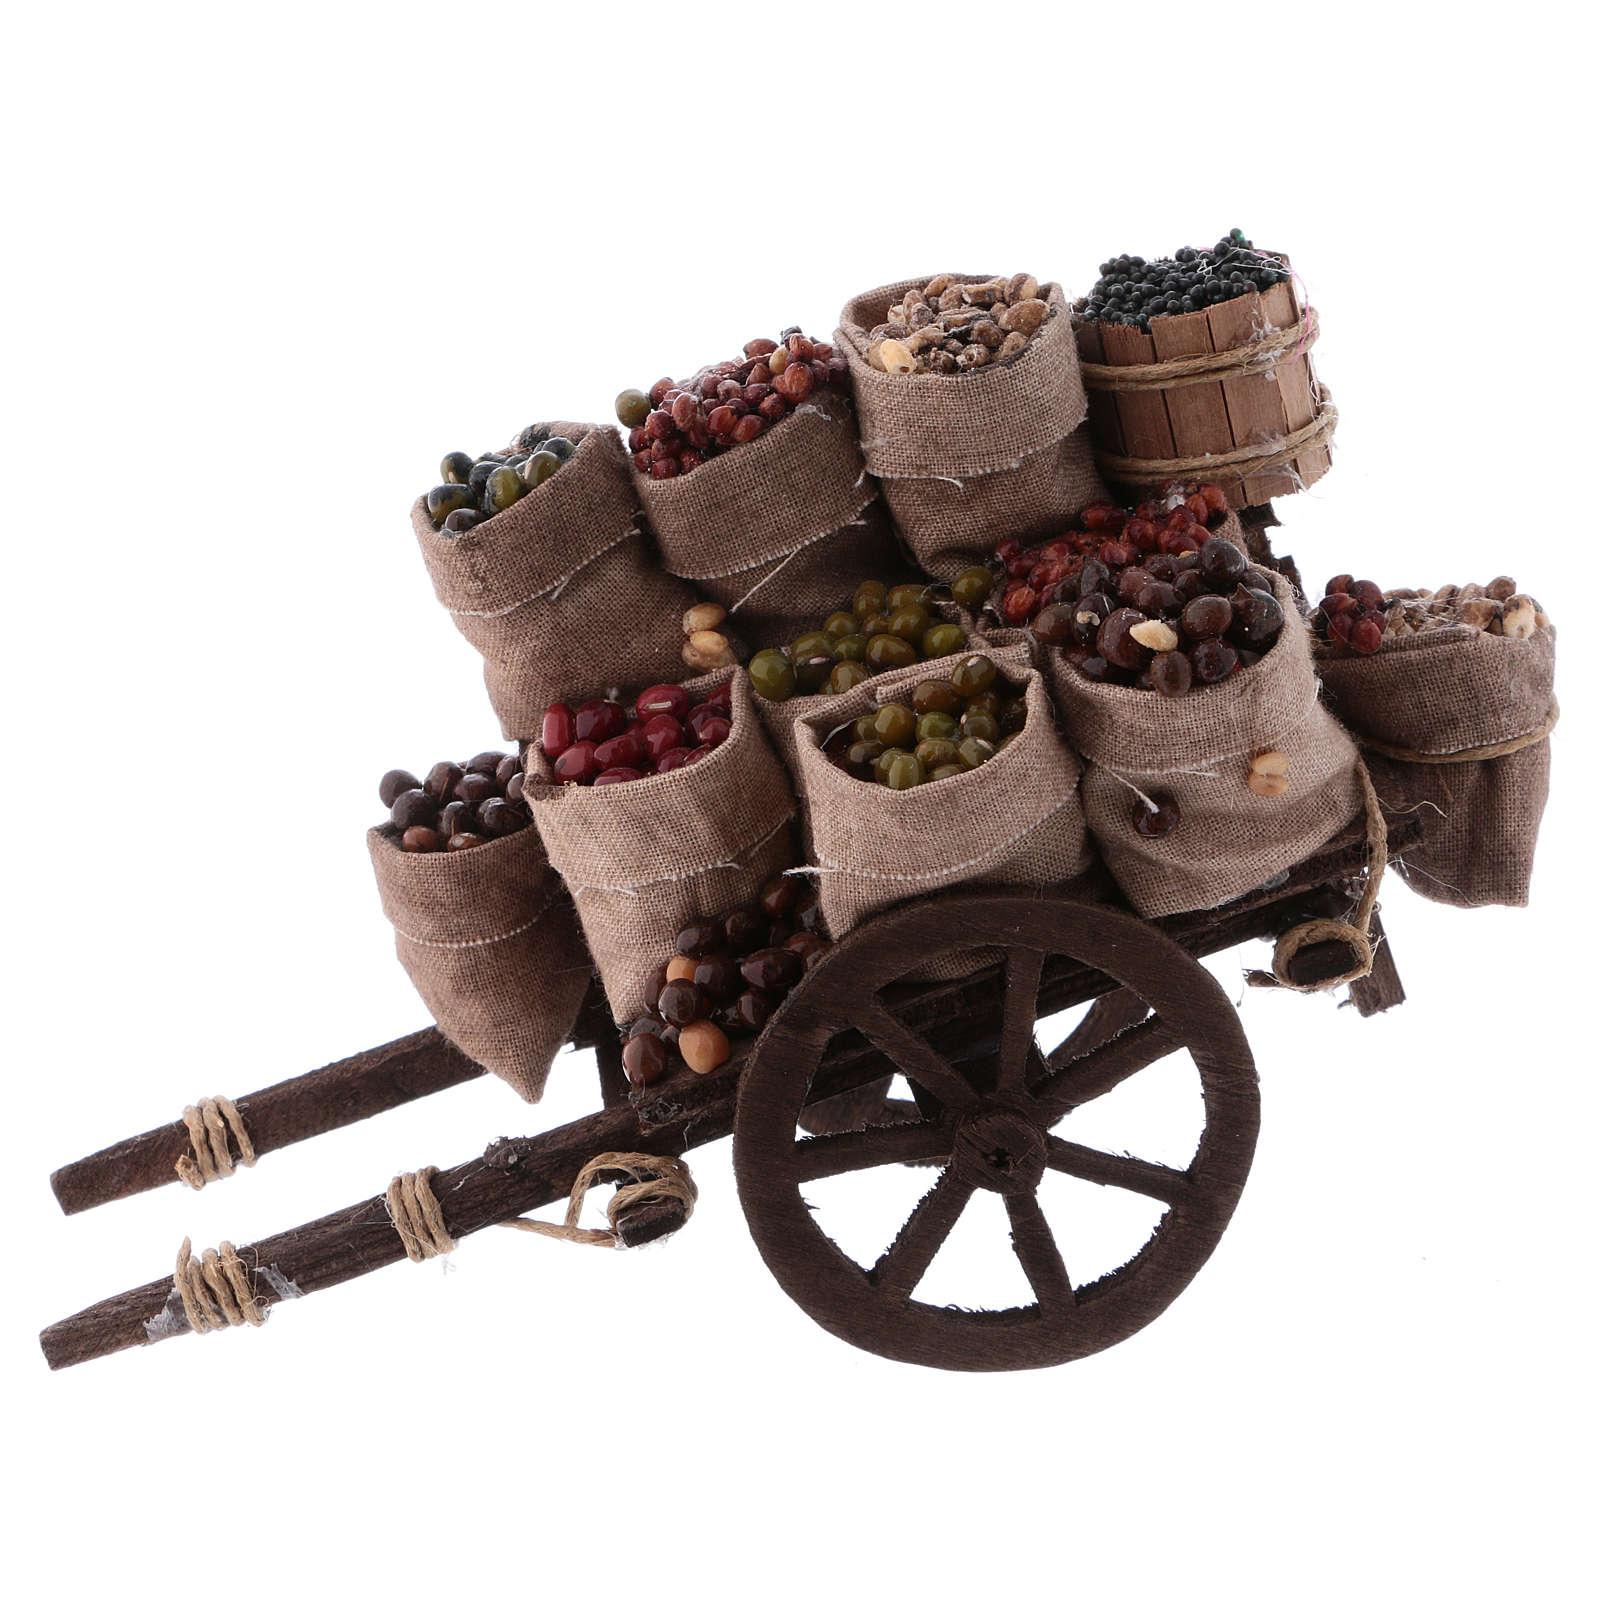 Cart with dried fruit sacks, Neapolitan Nativity 10x18x8cm 4